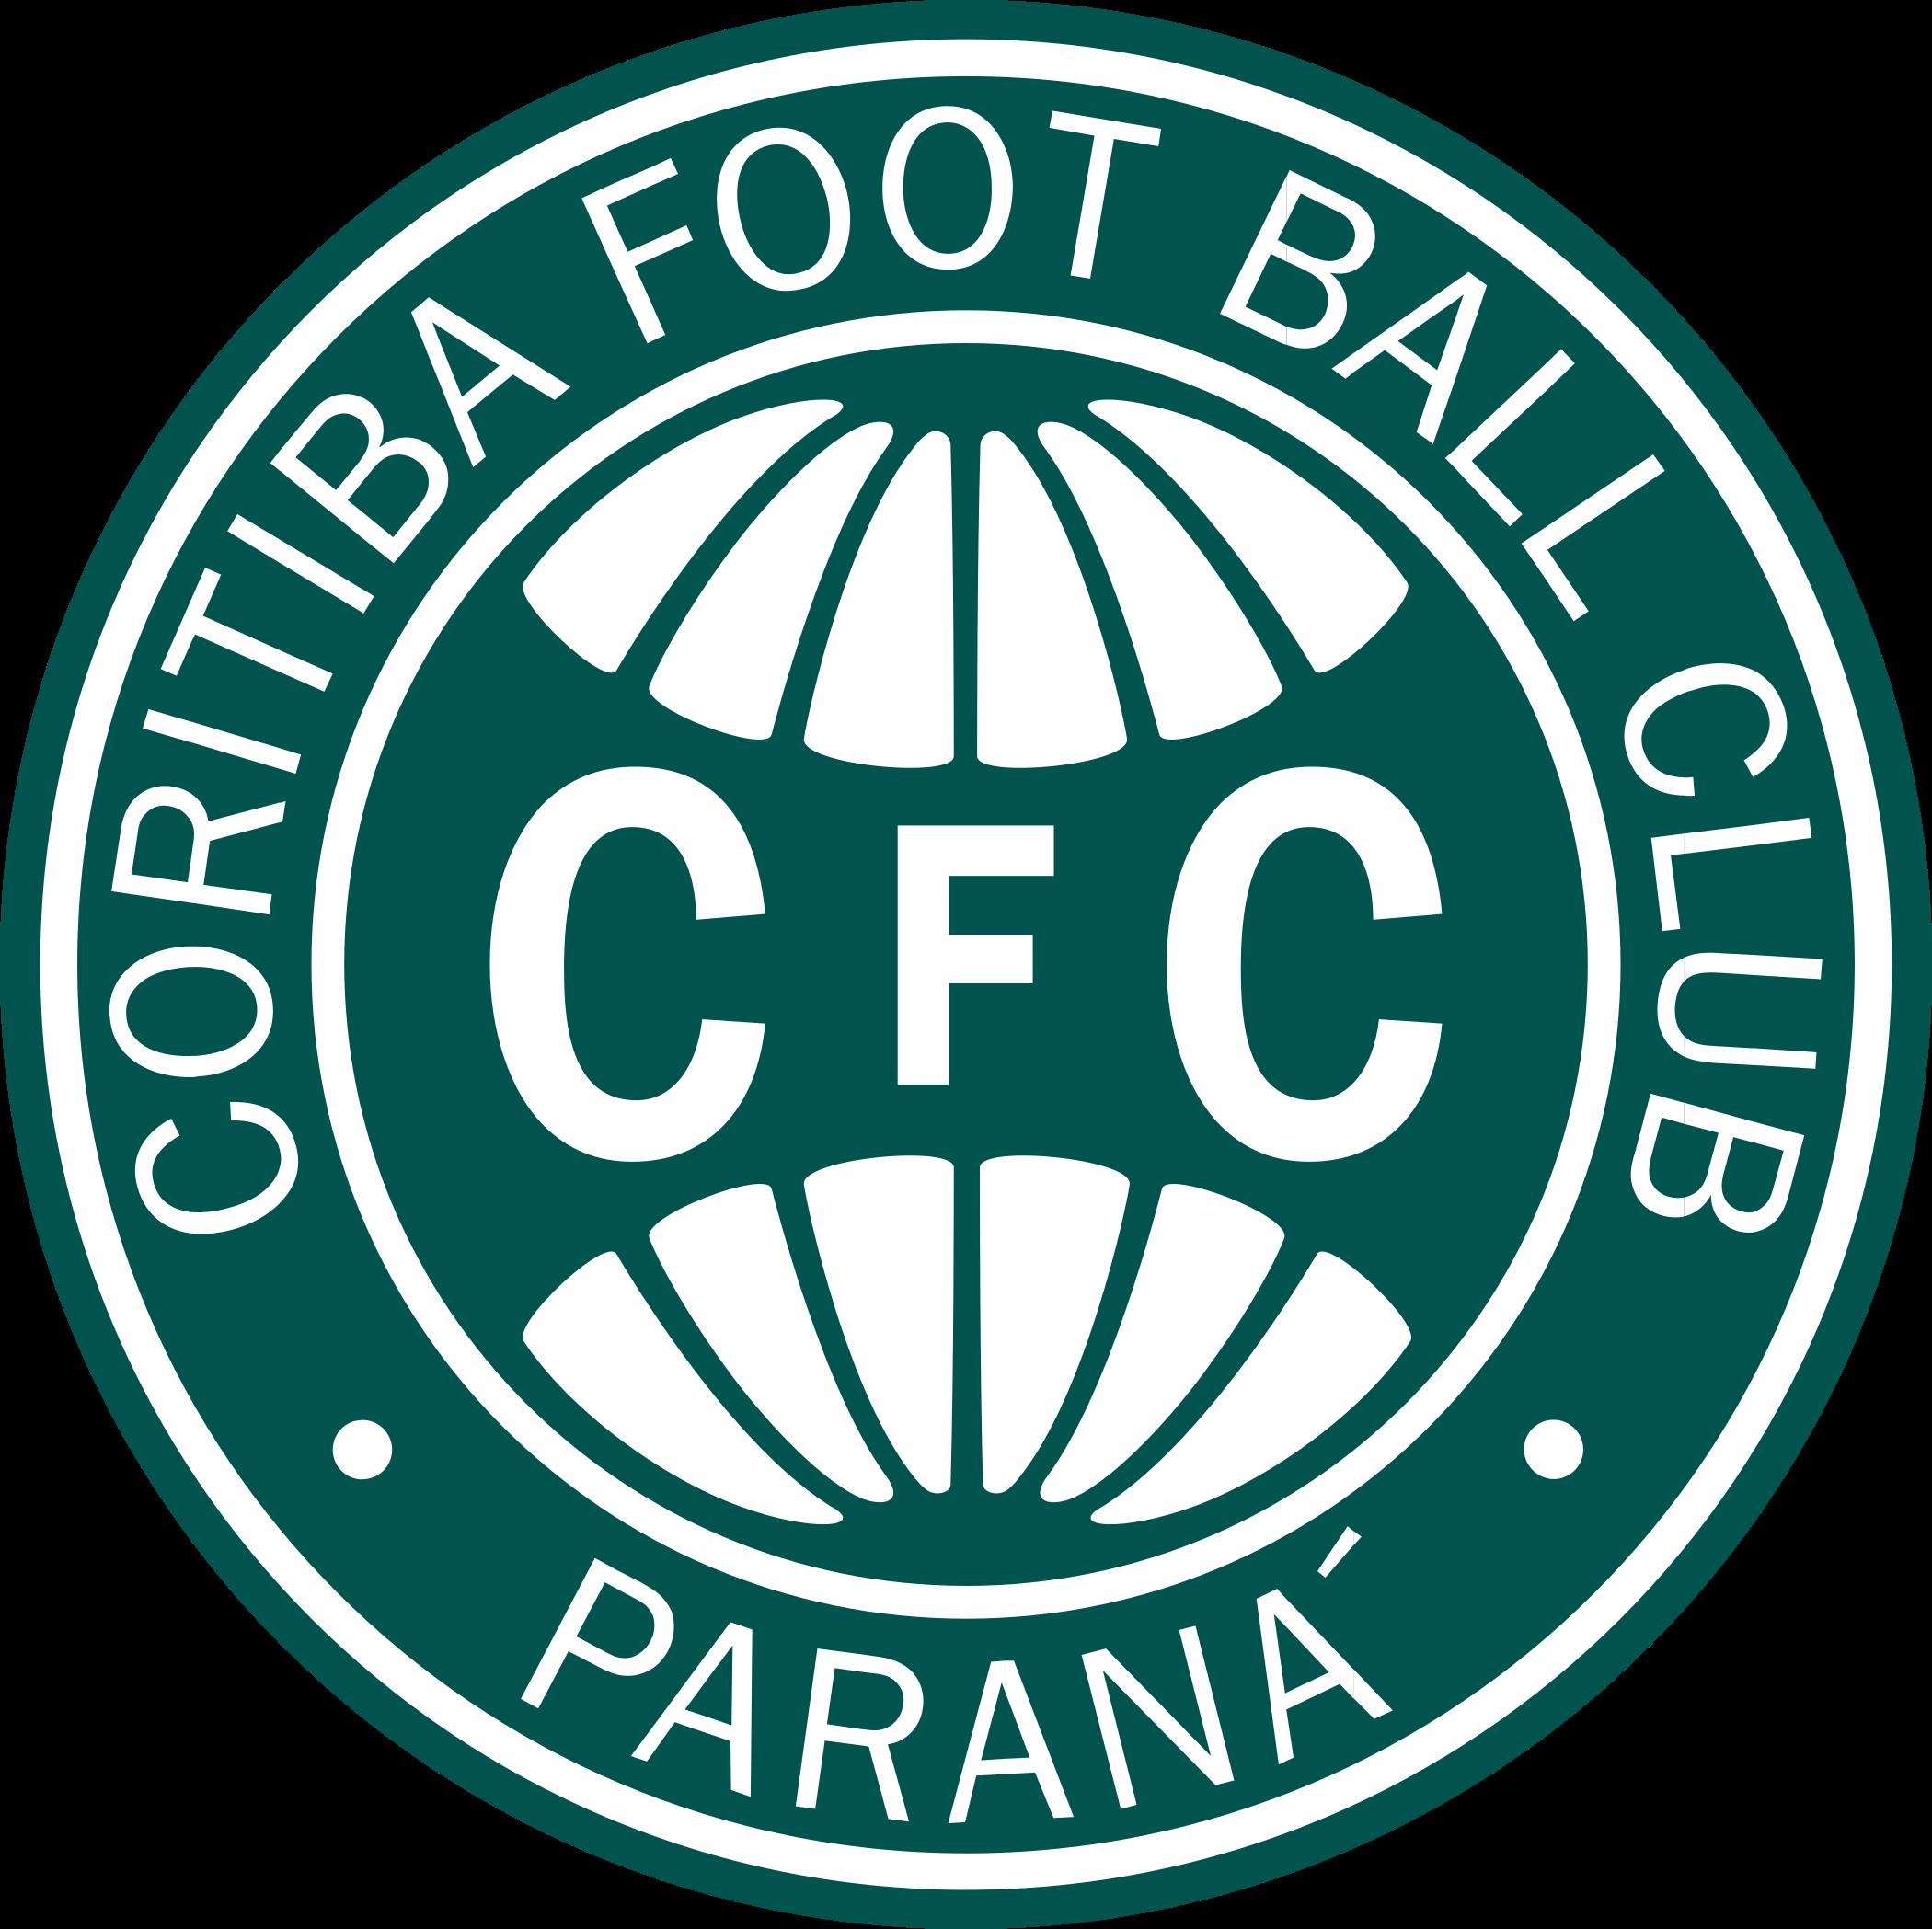 coritiba logo escudo 2 - Coritiba FC Logo